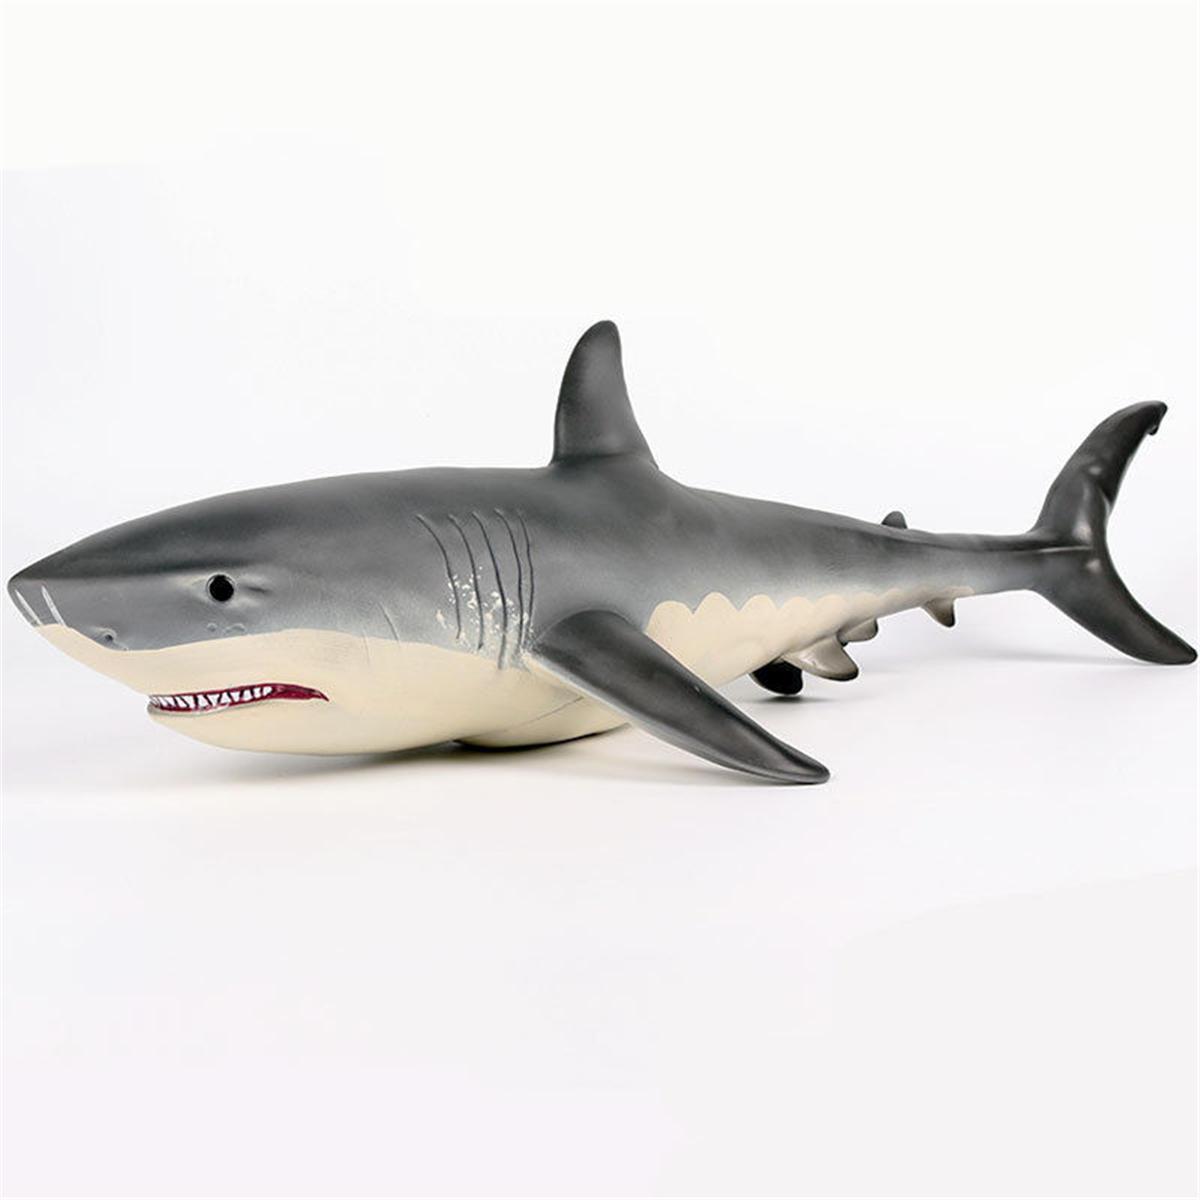 19 Pouces Grande Taille Megalodon Grand Requin Blanc Jouet Modèle Moulé  Sous Pression Modèle Figure Jouet Cadeau encequiconcerne Voiture Requin Jouet